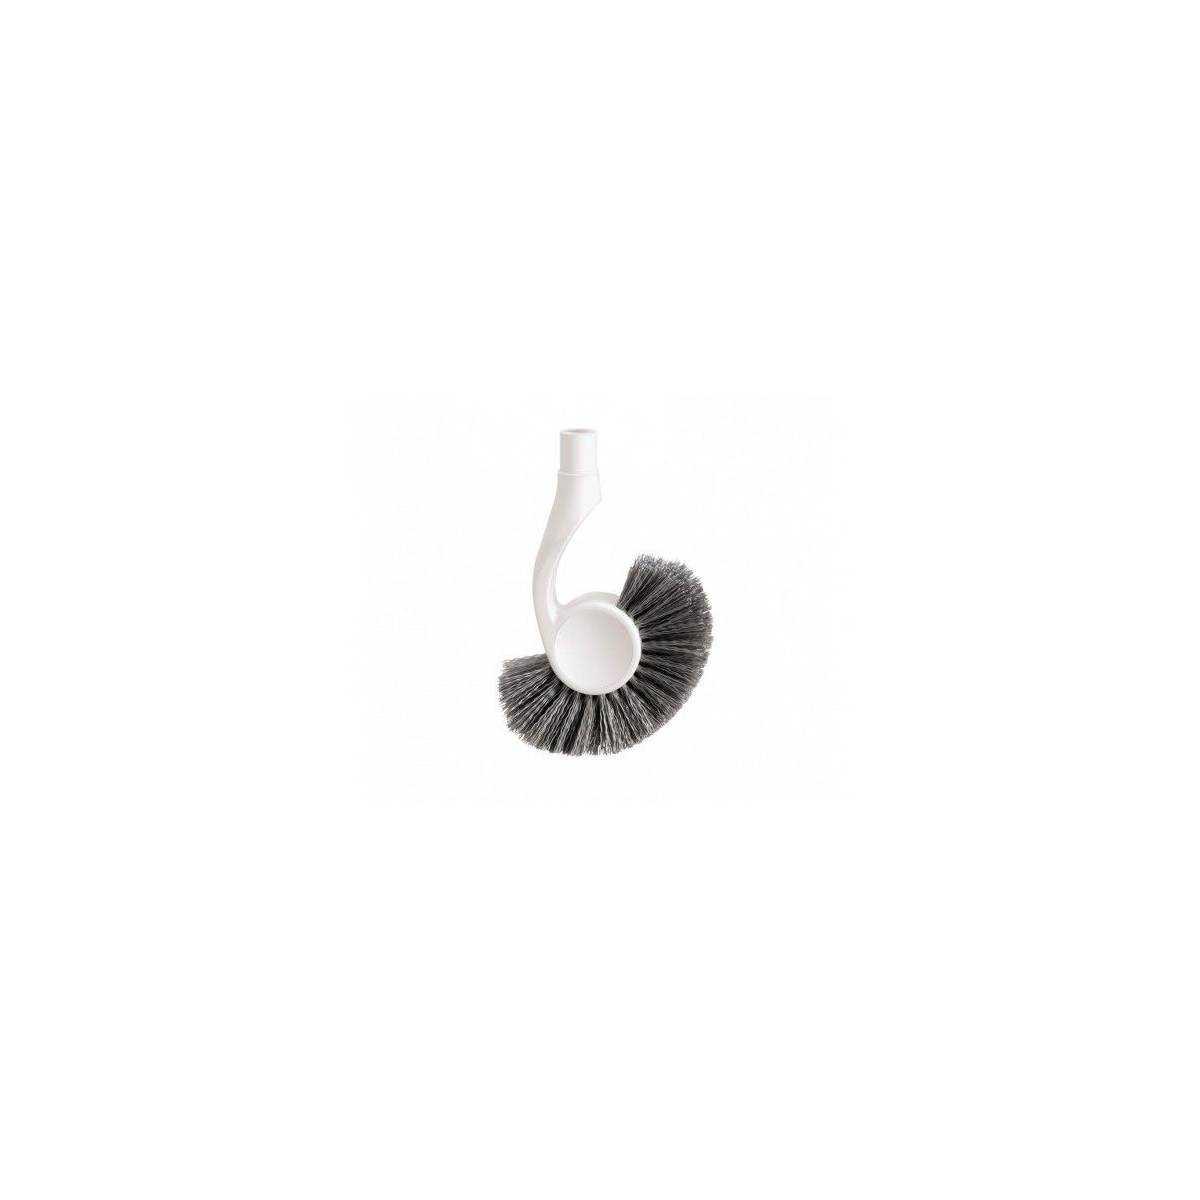 Запасная щетка для унитаза (BT1094) BT1094 Simplehuman